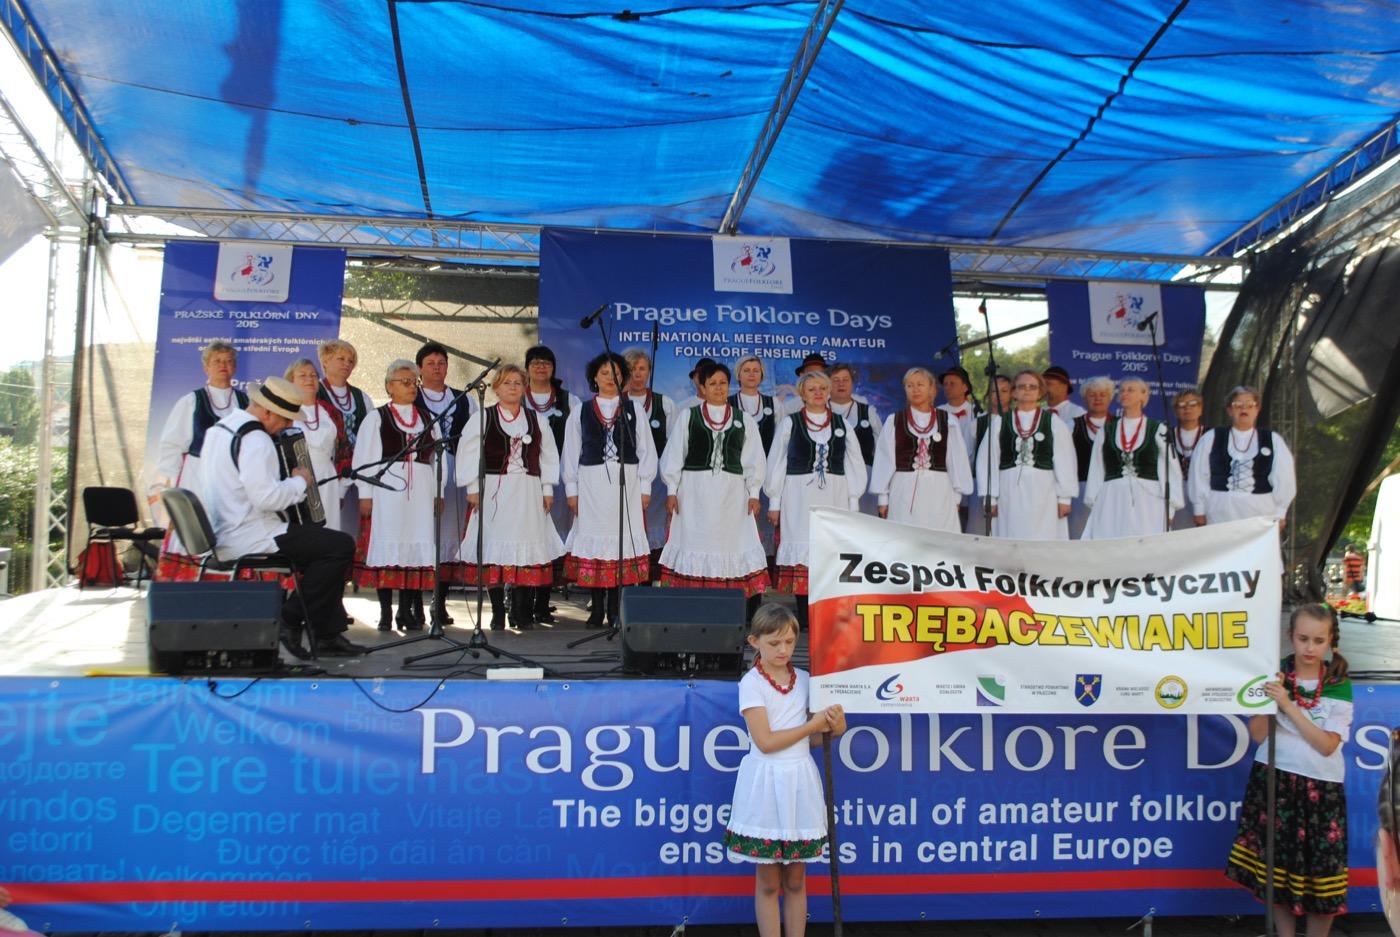 Trębaczewianie zaśpiewali w Pradze